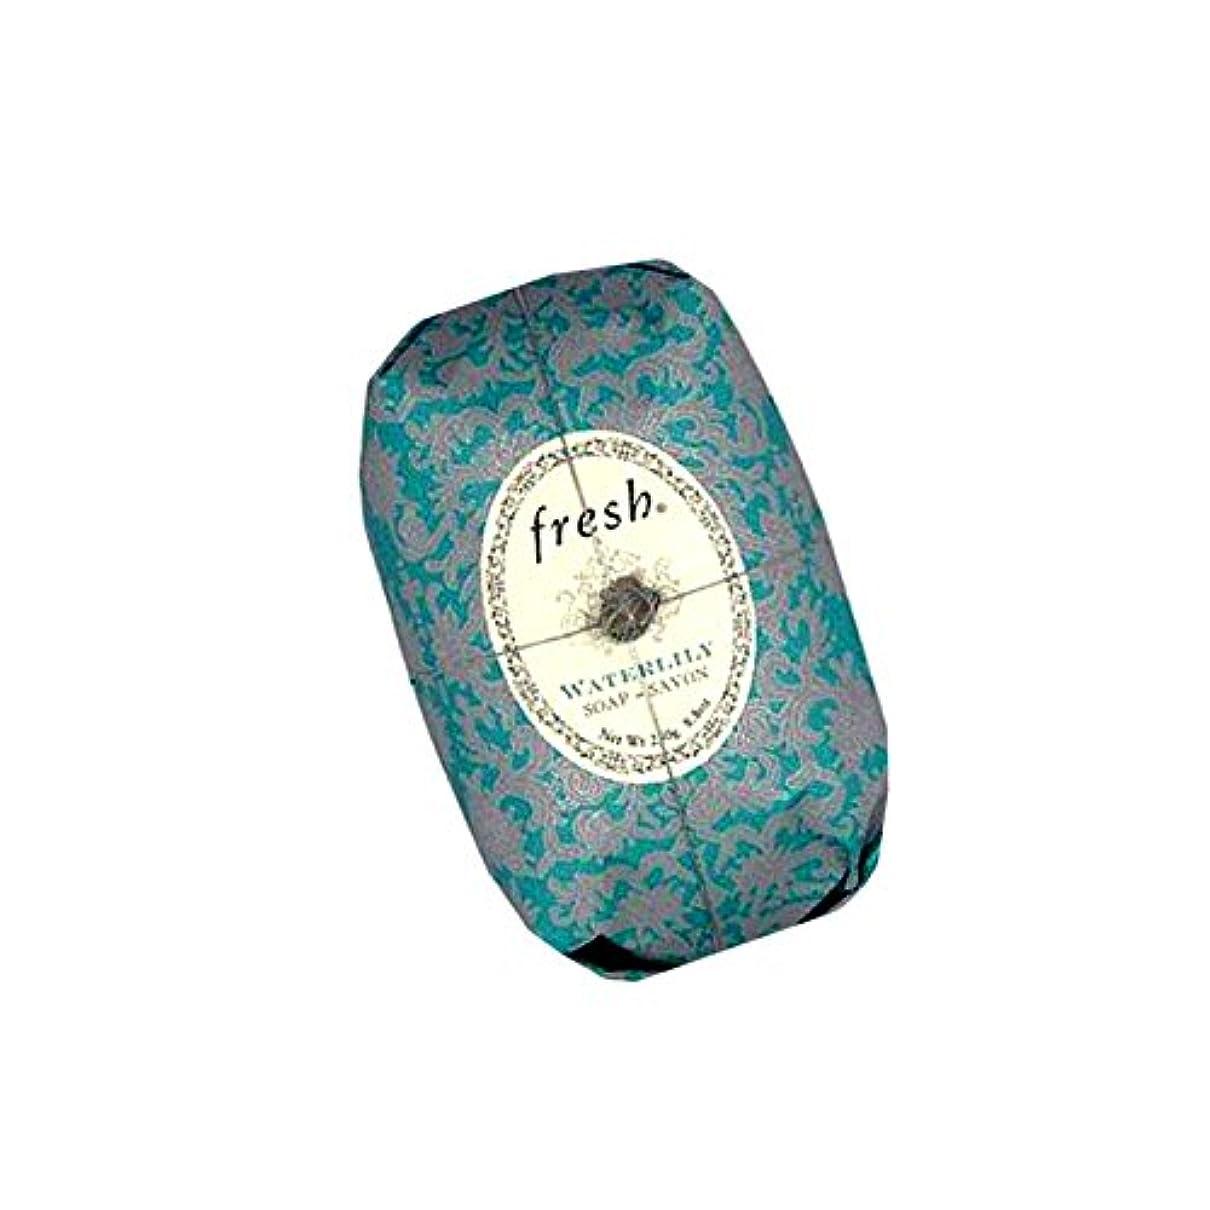 歯科医委任マットFresh フレッシュ Waterlily Soap 石鹸, 250g/8.8oz. [海外直送品] [並行輸入品]